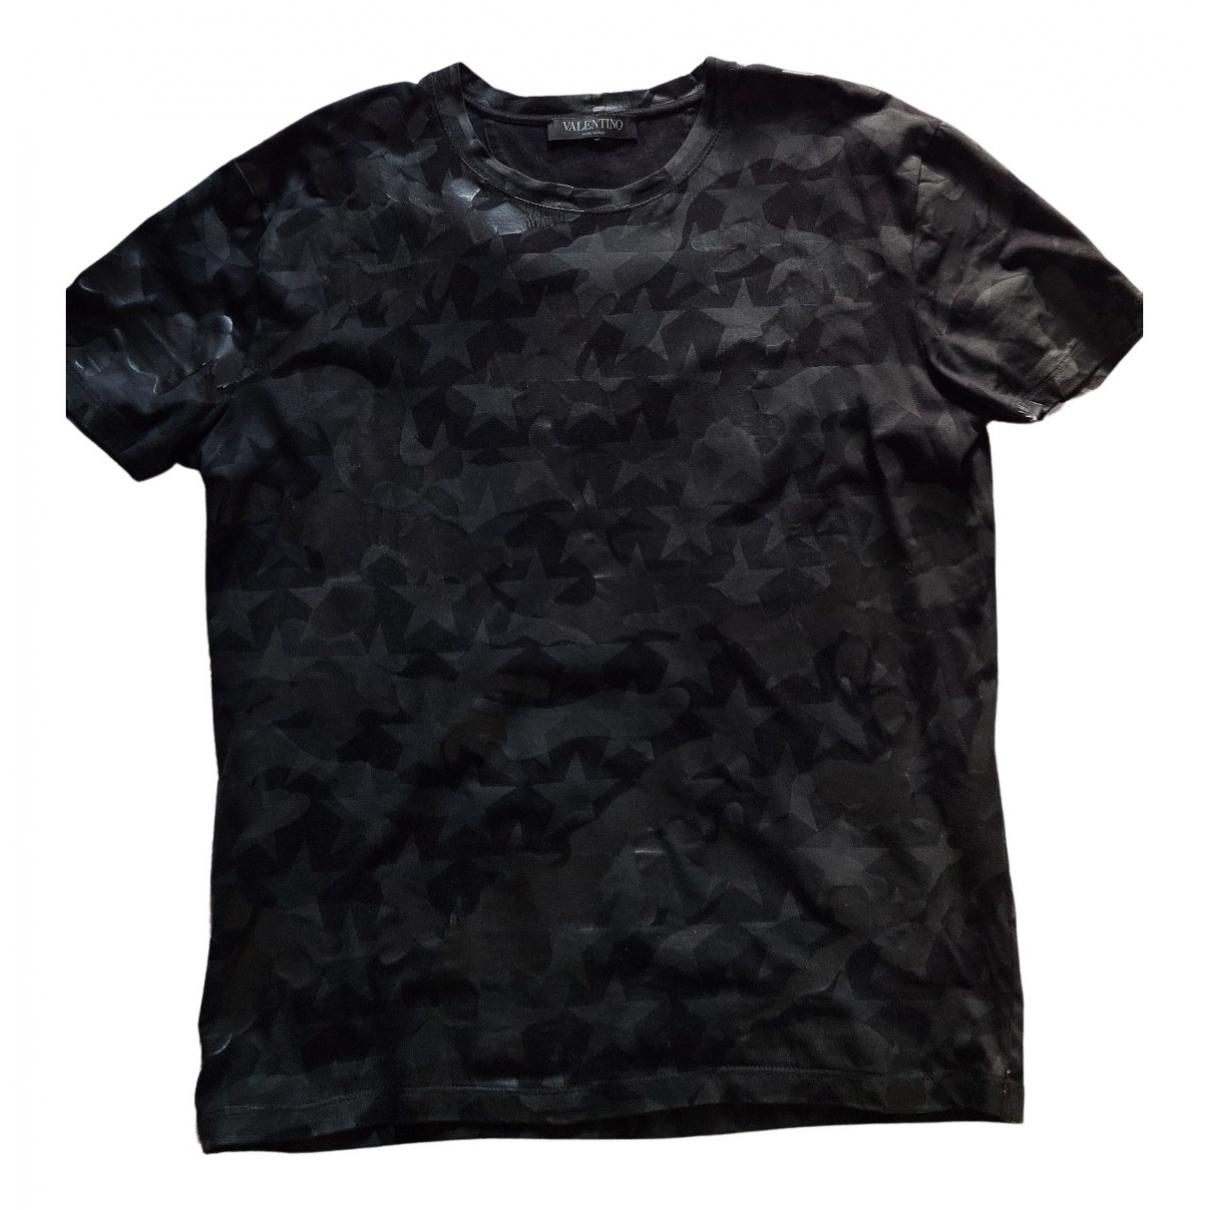 Valentino Garavani - Tee shirts   pour homme en coton - noir